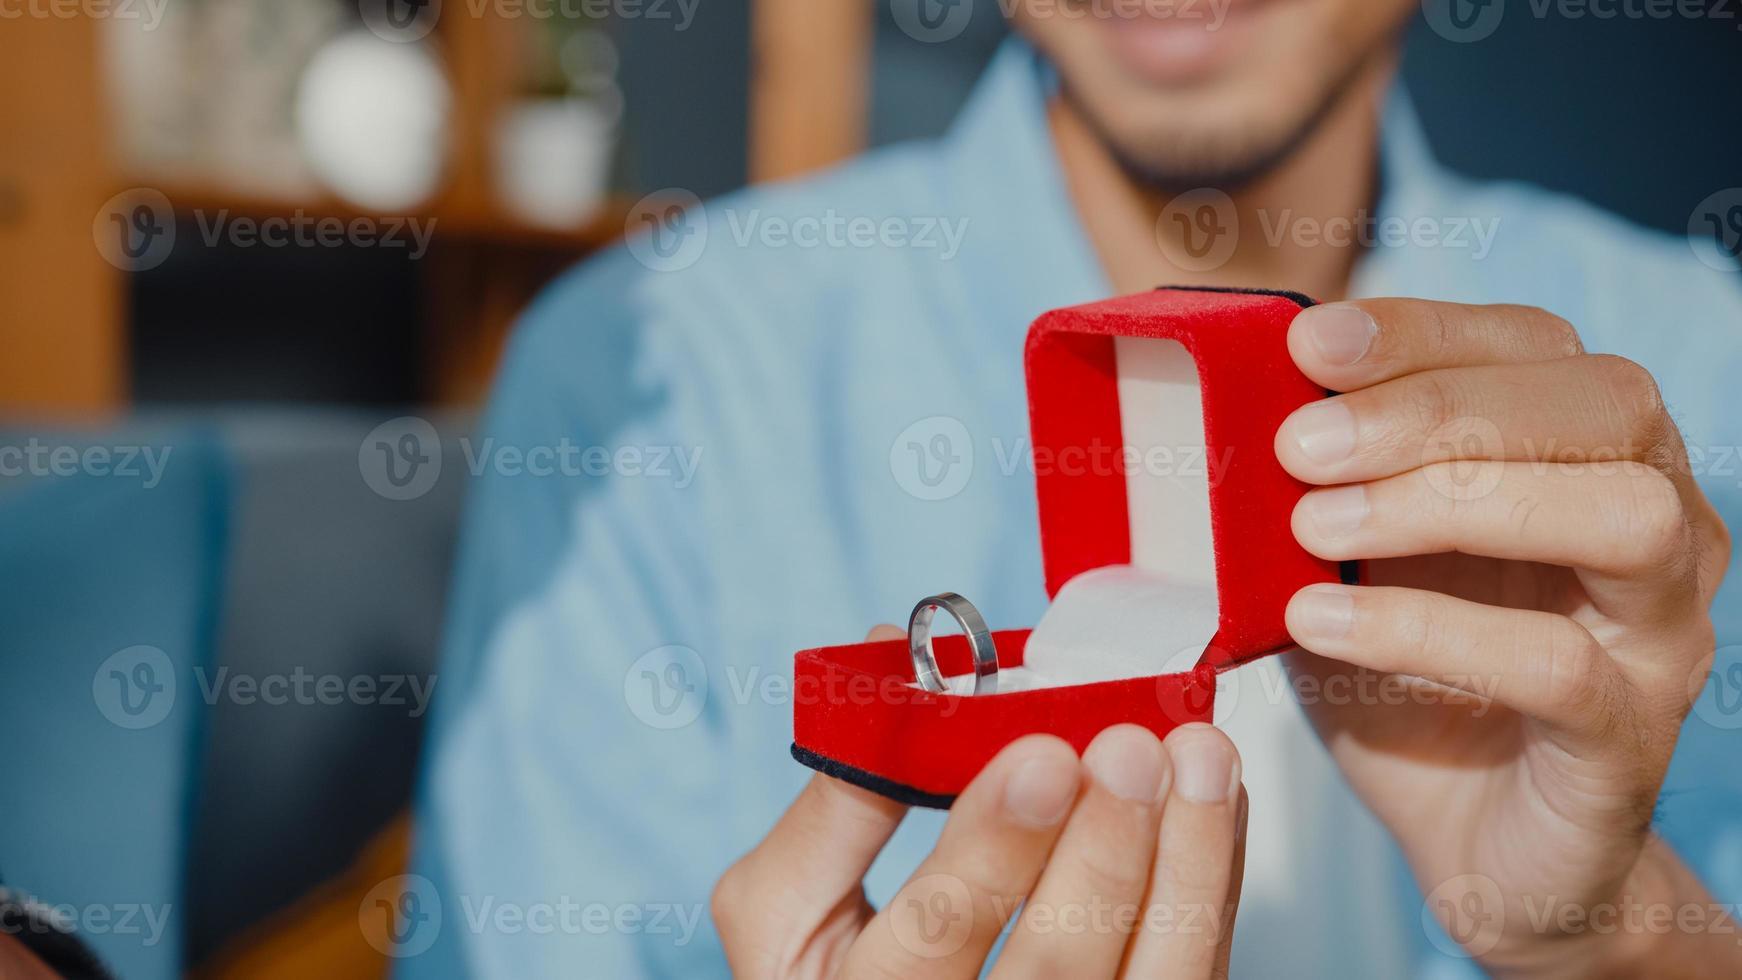 close-up feliz casal asiático homem e mulher sorrindo namorado sentar no sofá surpresa namorada com anel de noivado em caixa vermelha, pedir-lhe uma proposta de casamento em casa. conceito romântico de aniversário. foto